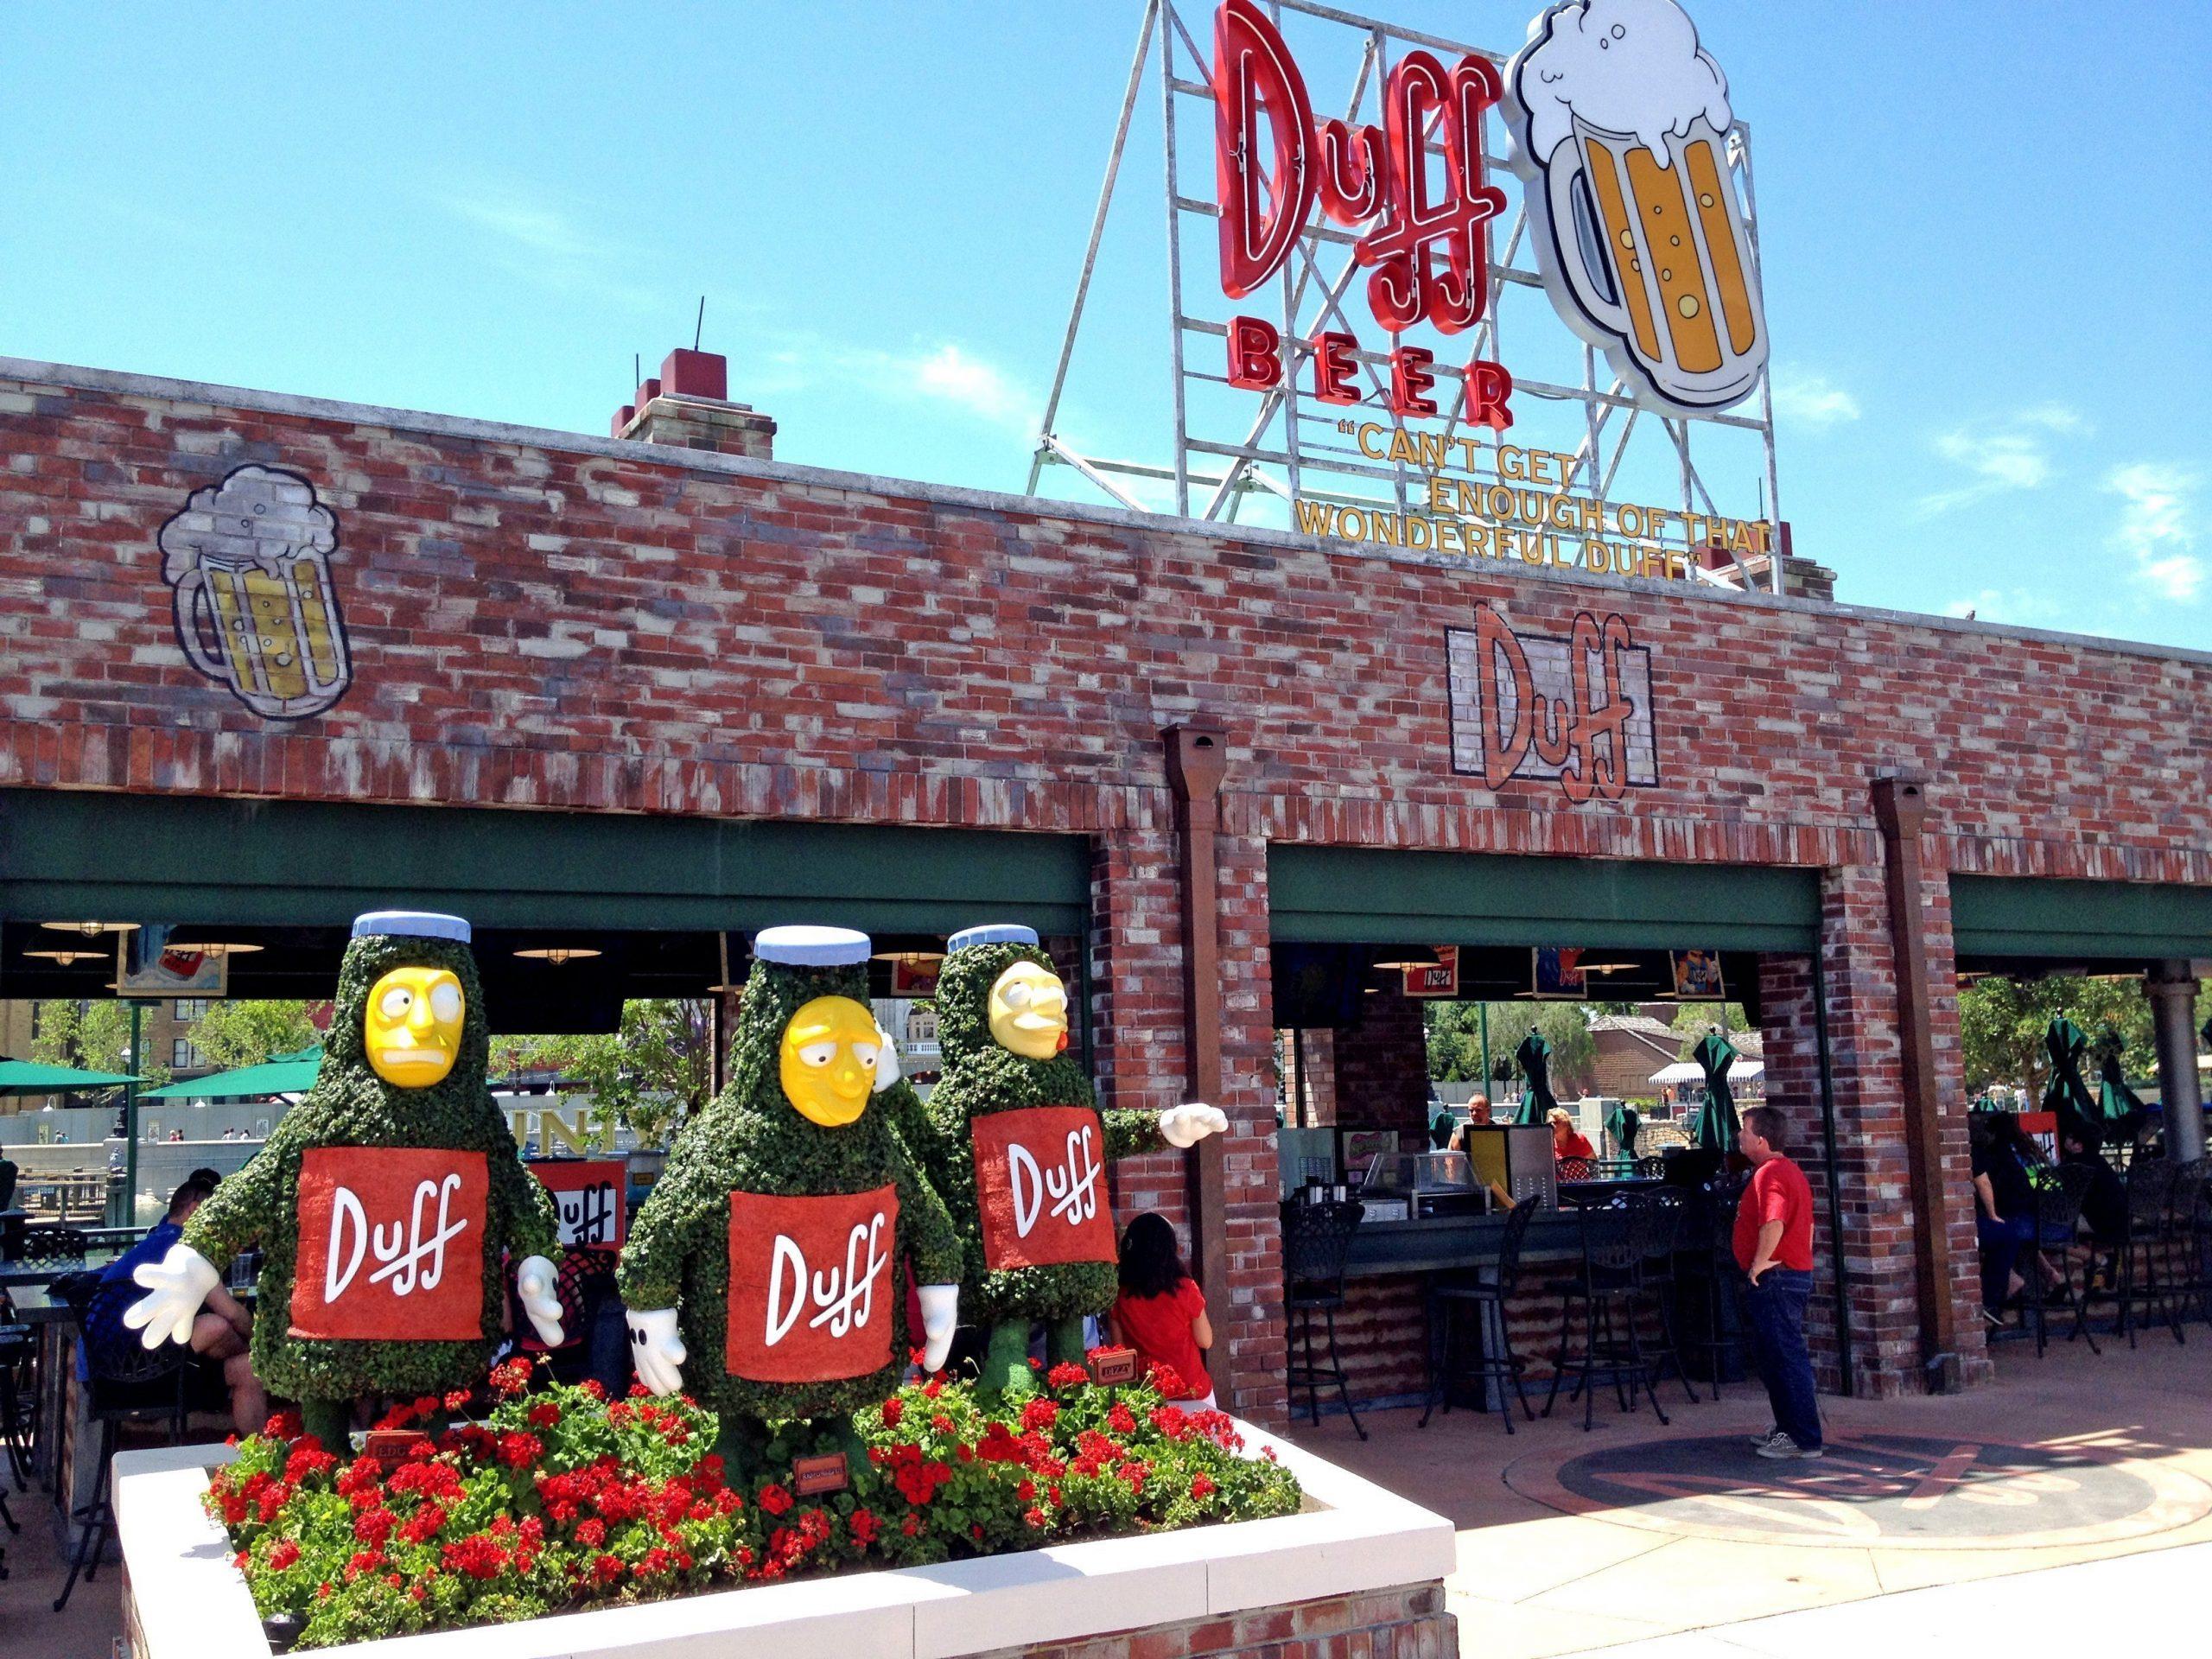 Os Melhores restaurantes da Universal Studios 8